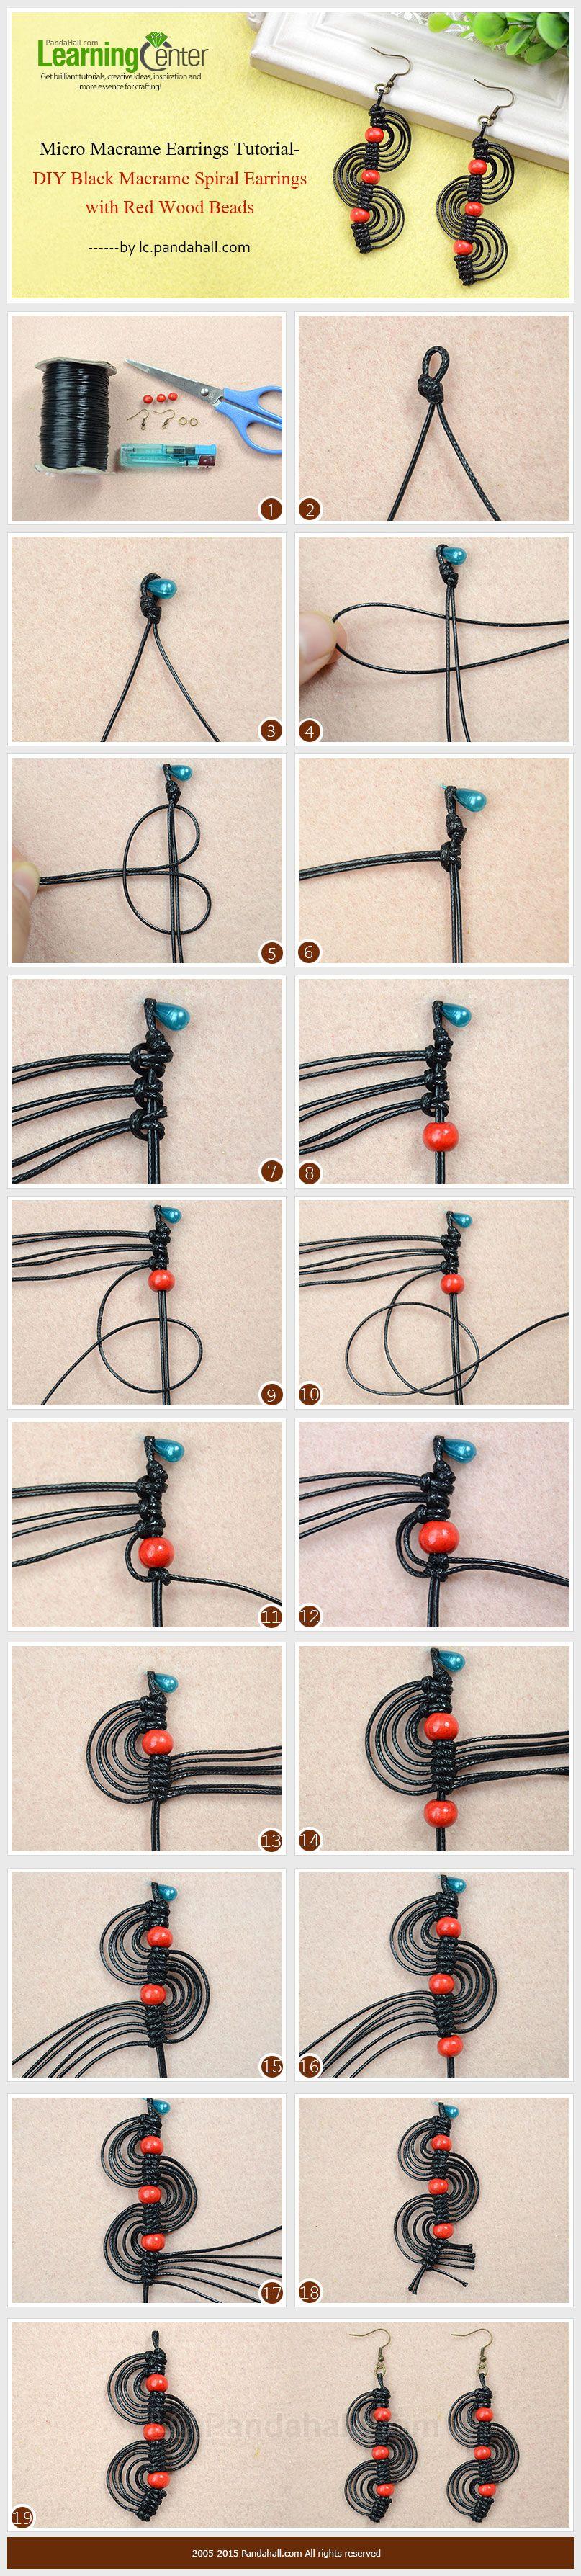 Micro Macrame Earrings Tutorial-DIY Black Macrame Spiral Earrings with Red Wood Beads